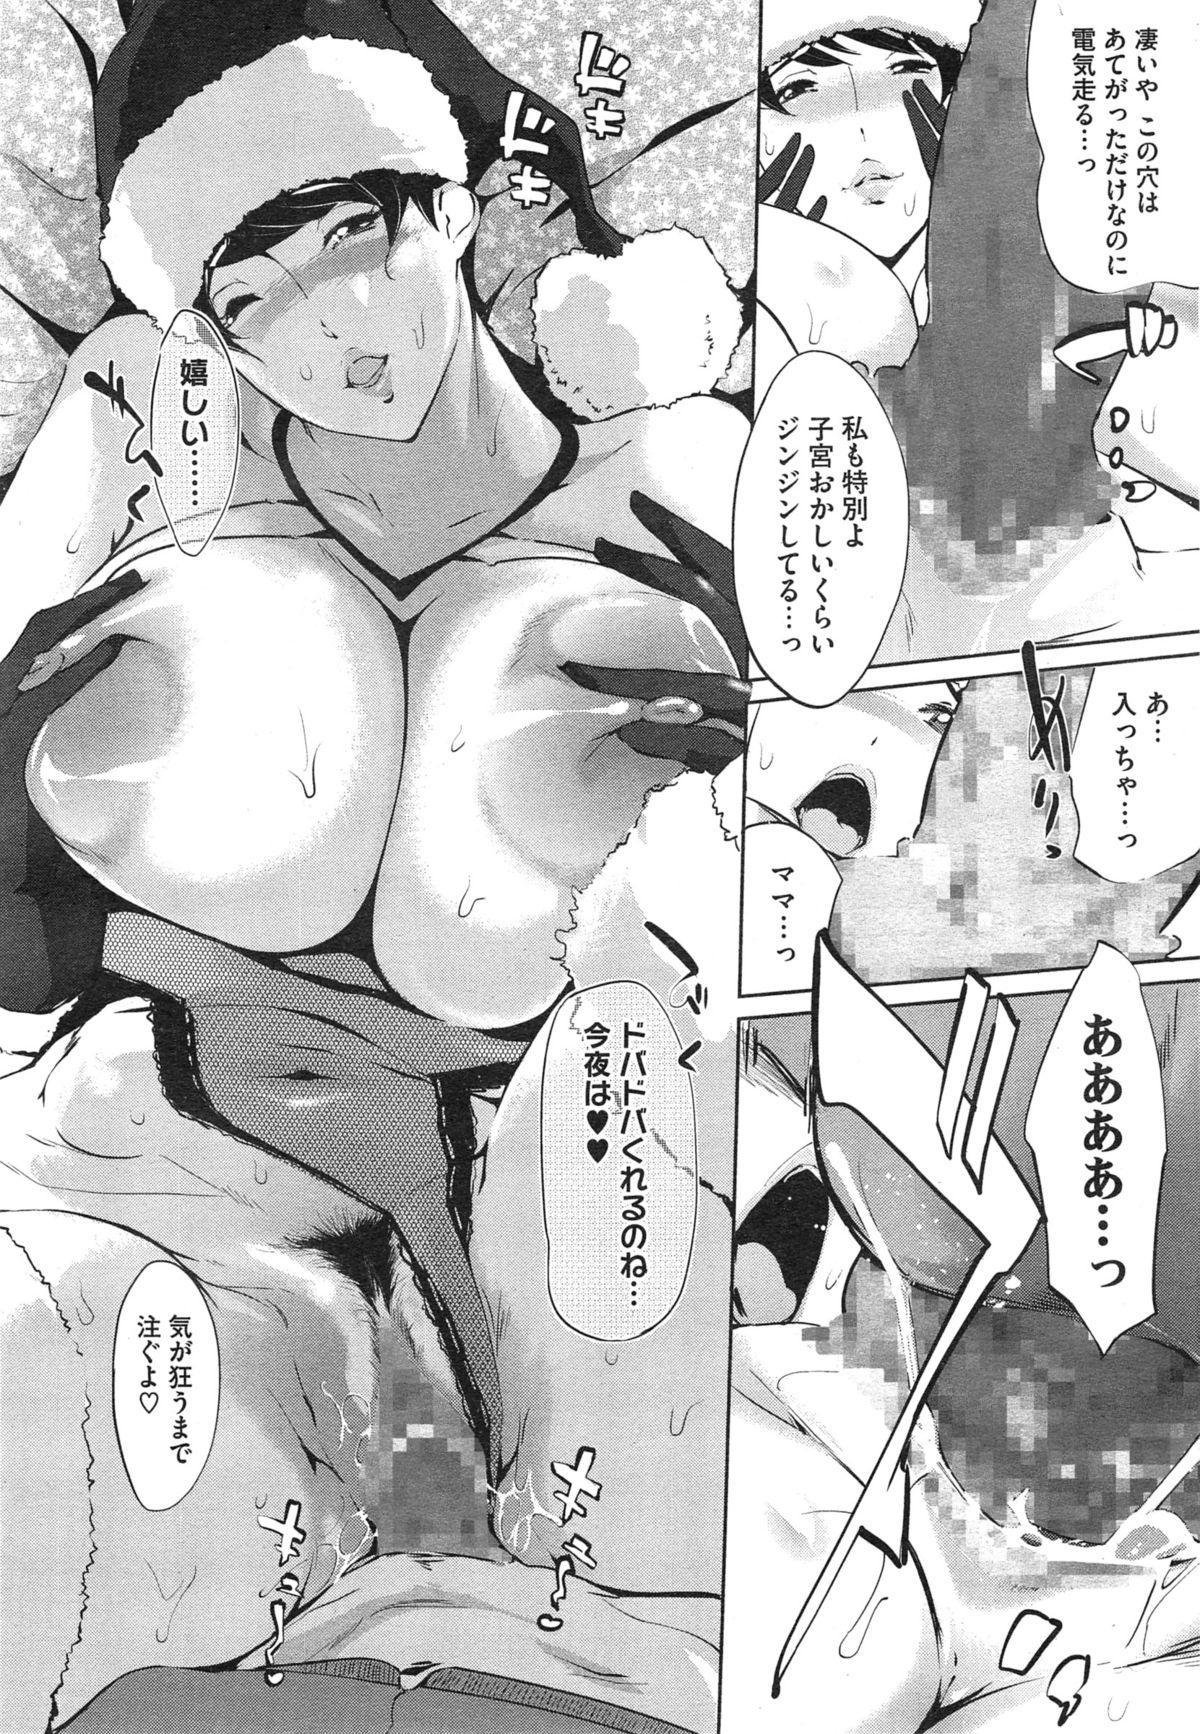 COMIC Megastore Alpha 2015-01 517